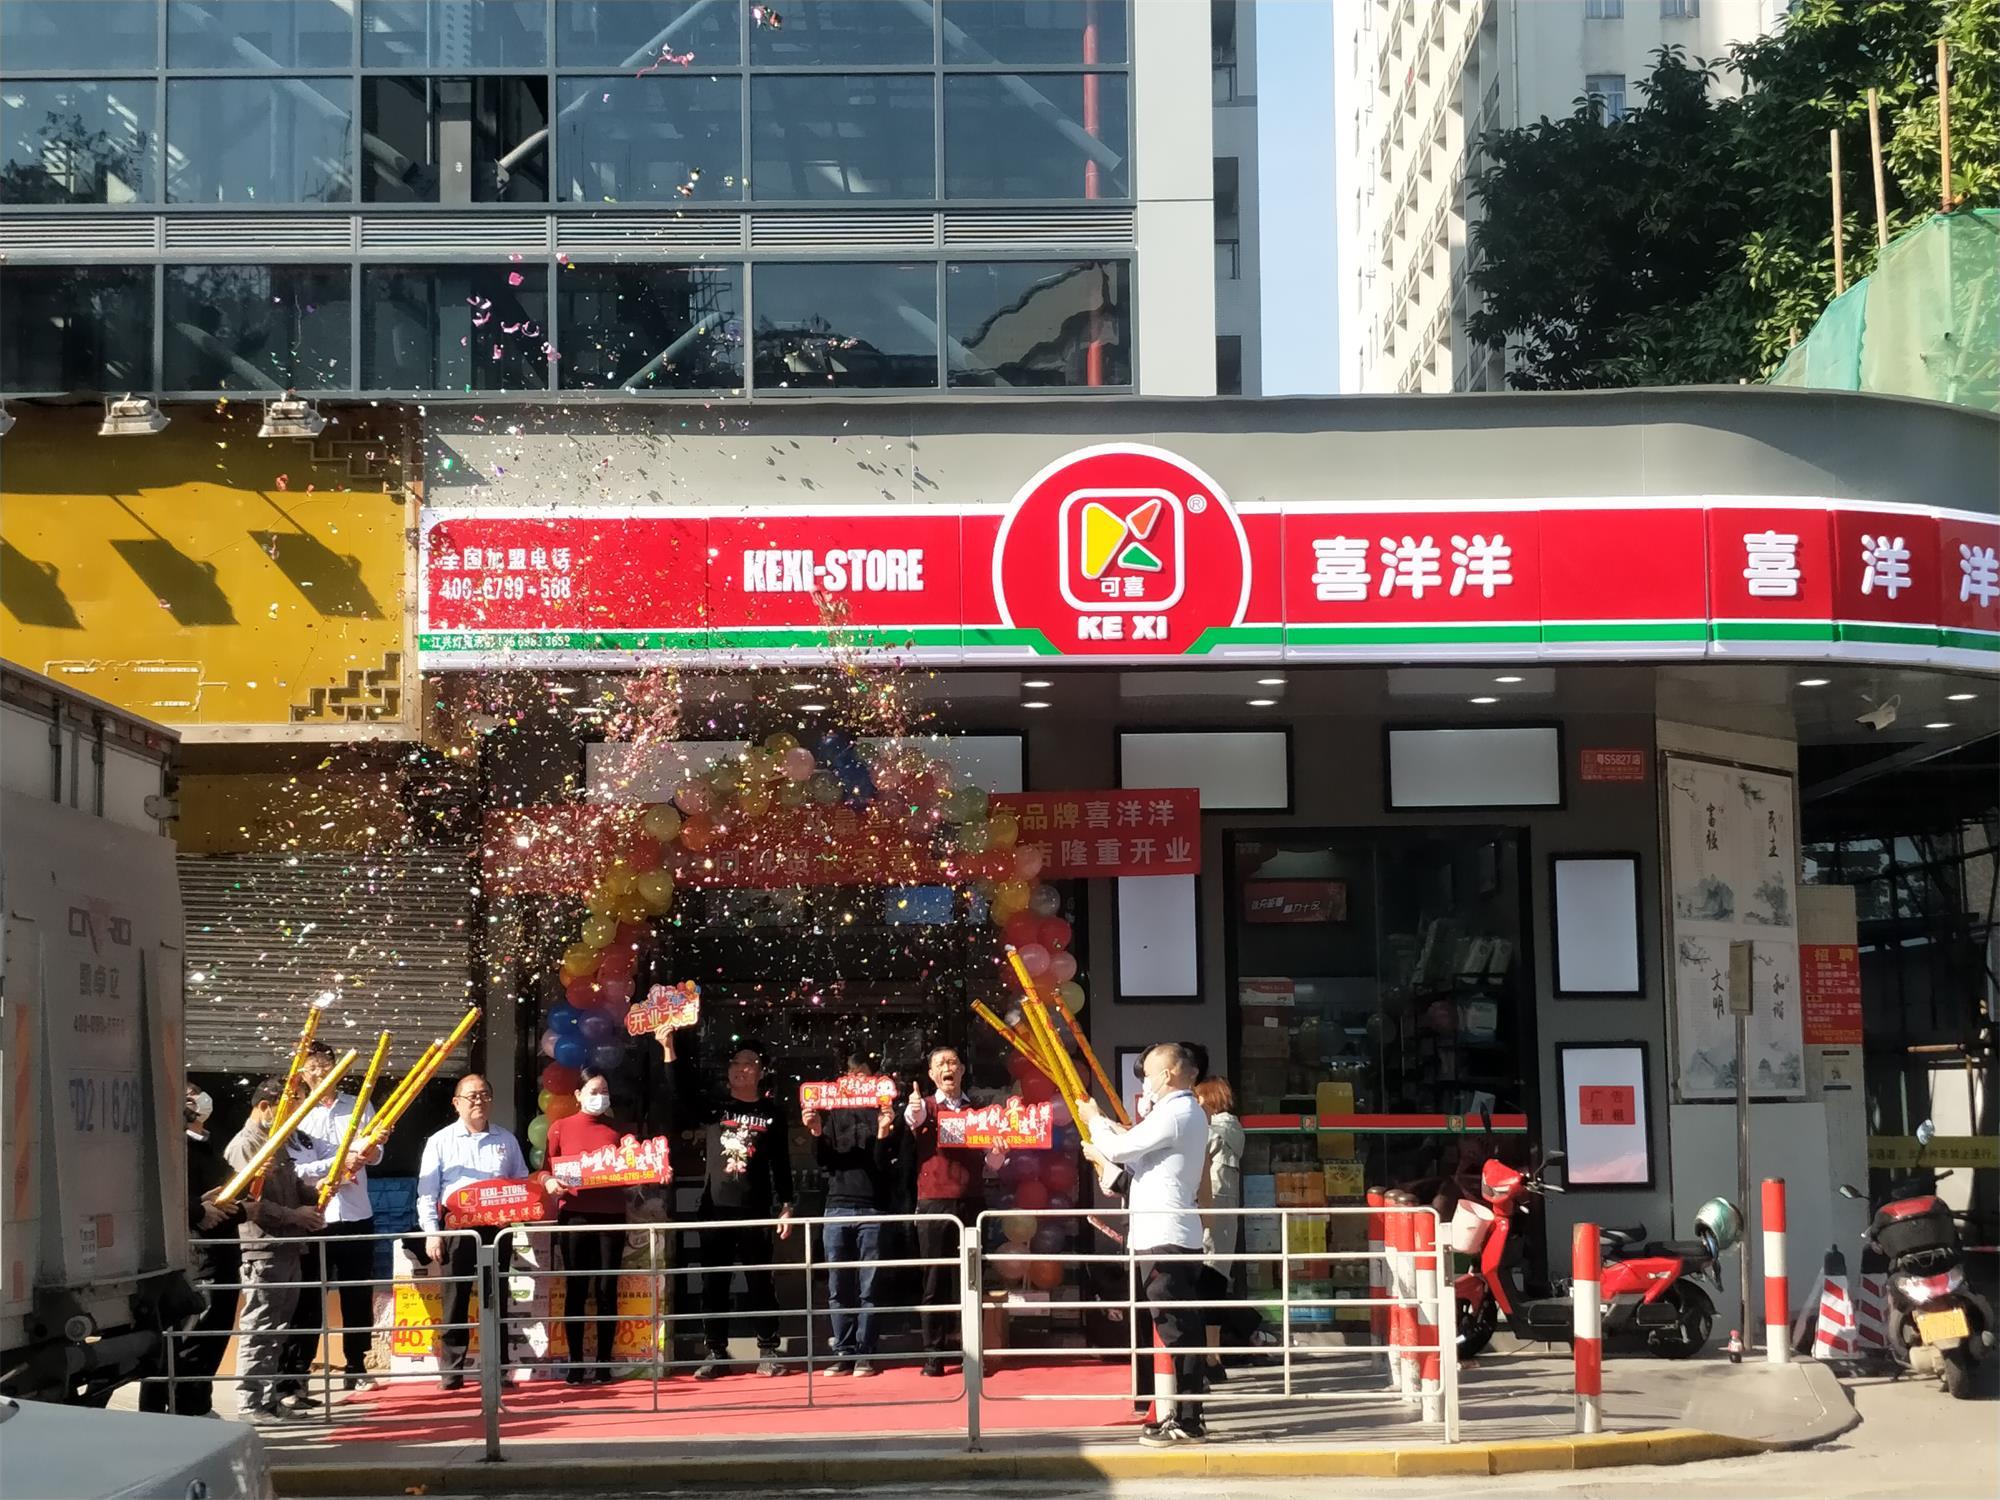 喜洋洋便利店全体员工恭祝长安喜惠佳分店12月28日隆重开业